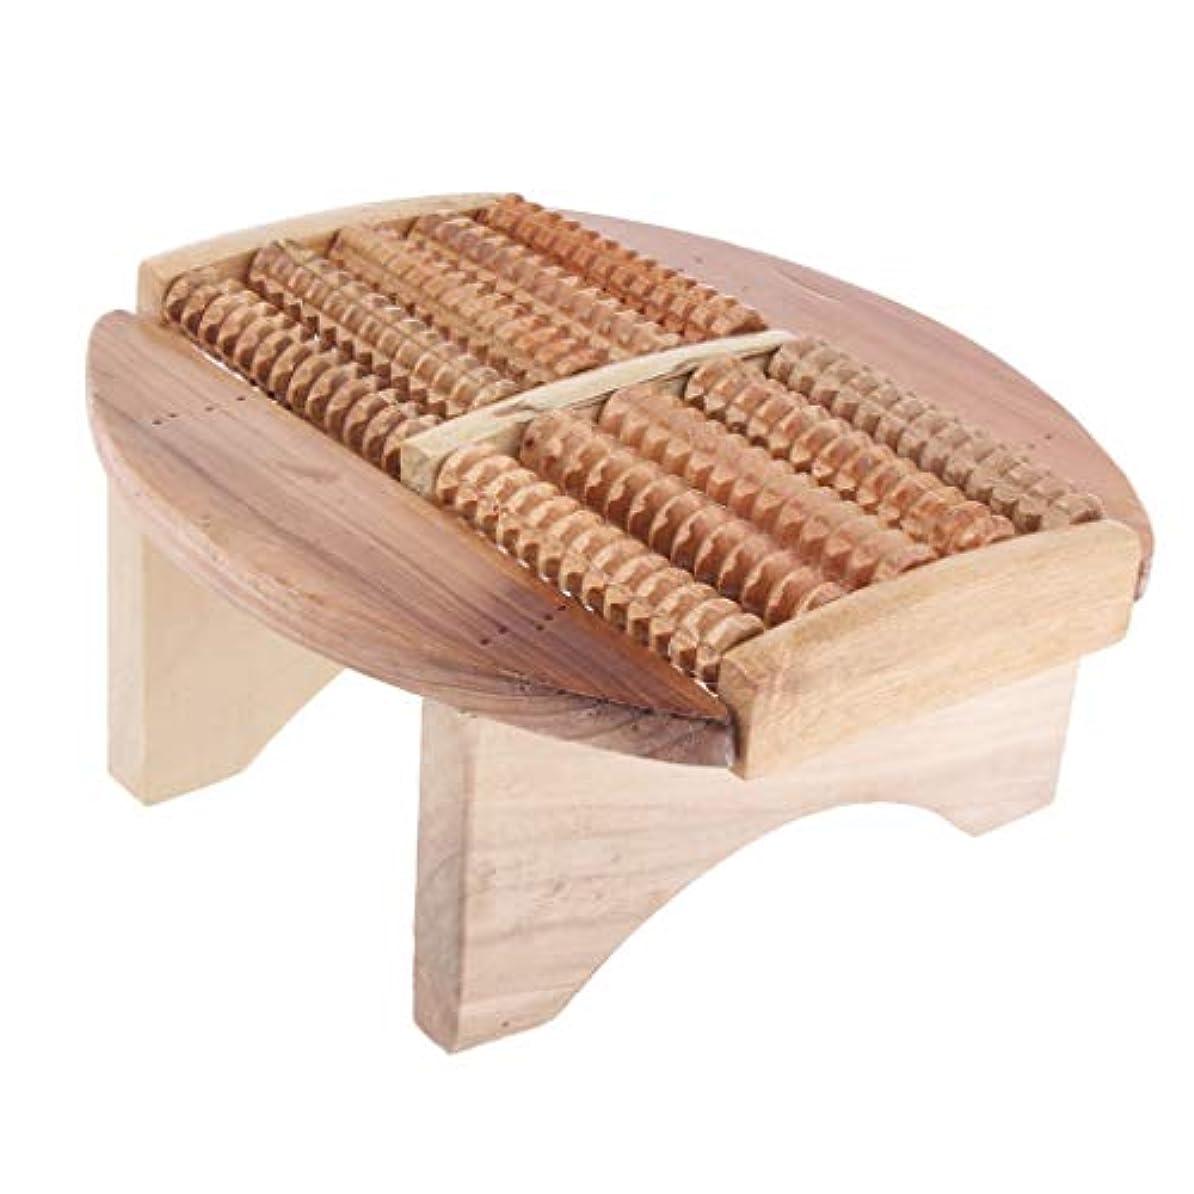 先祖前提条件位置するBaoblaze フットマッサージスツール 木製 足湯ステップ マッサージ スツール SPA